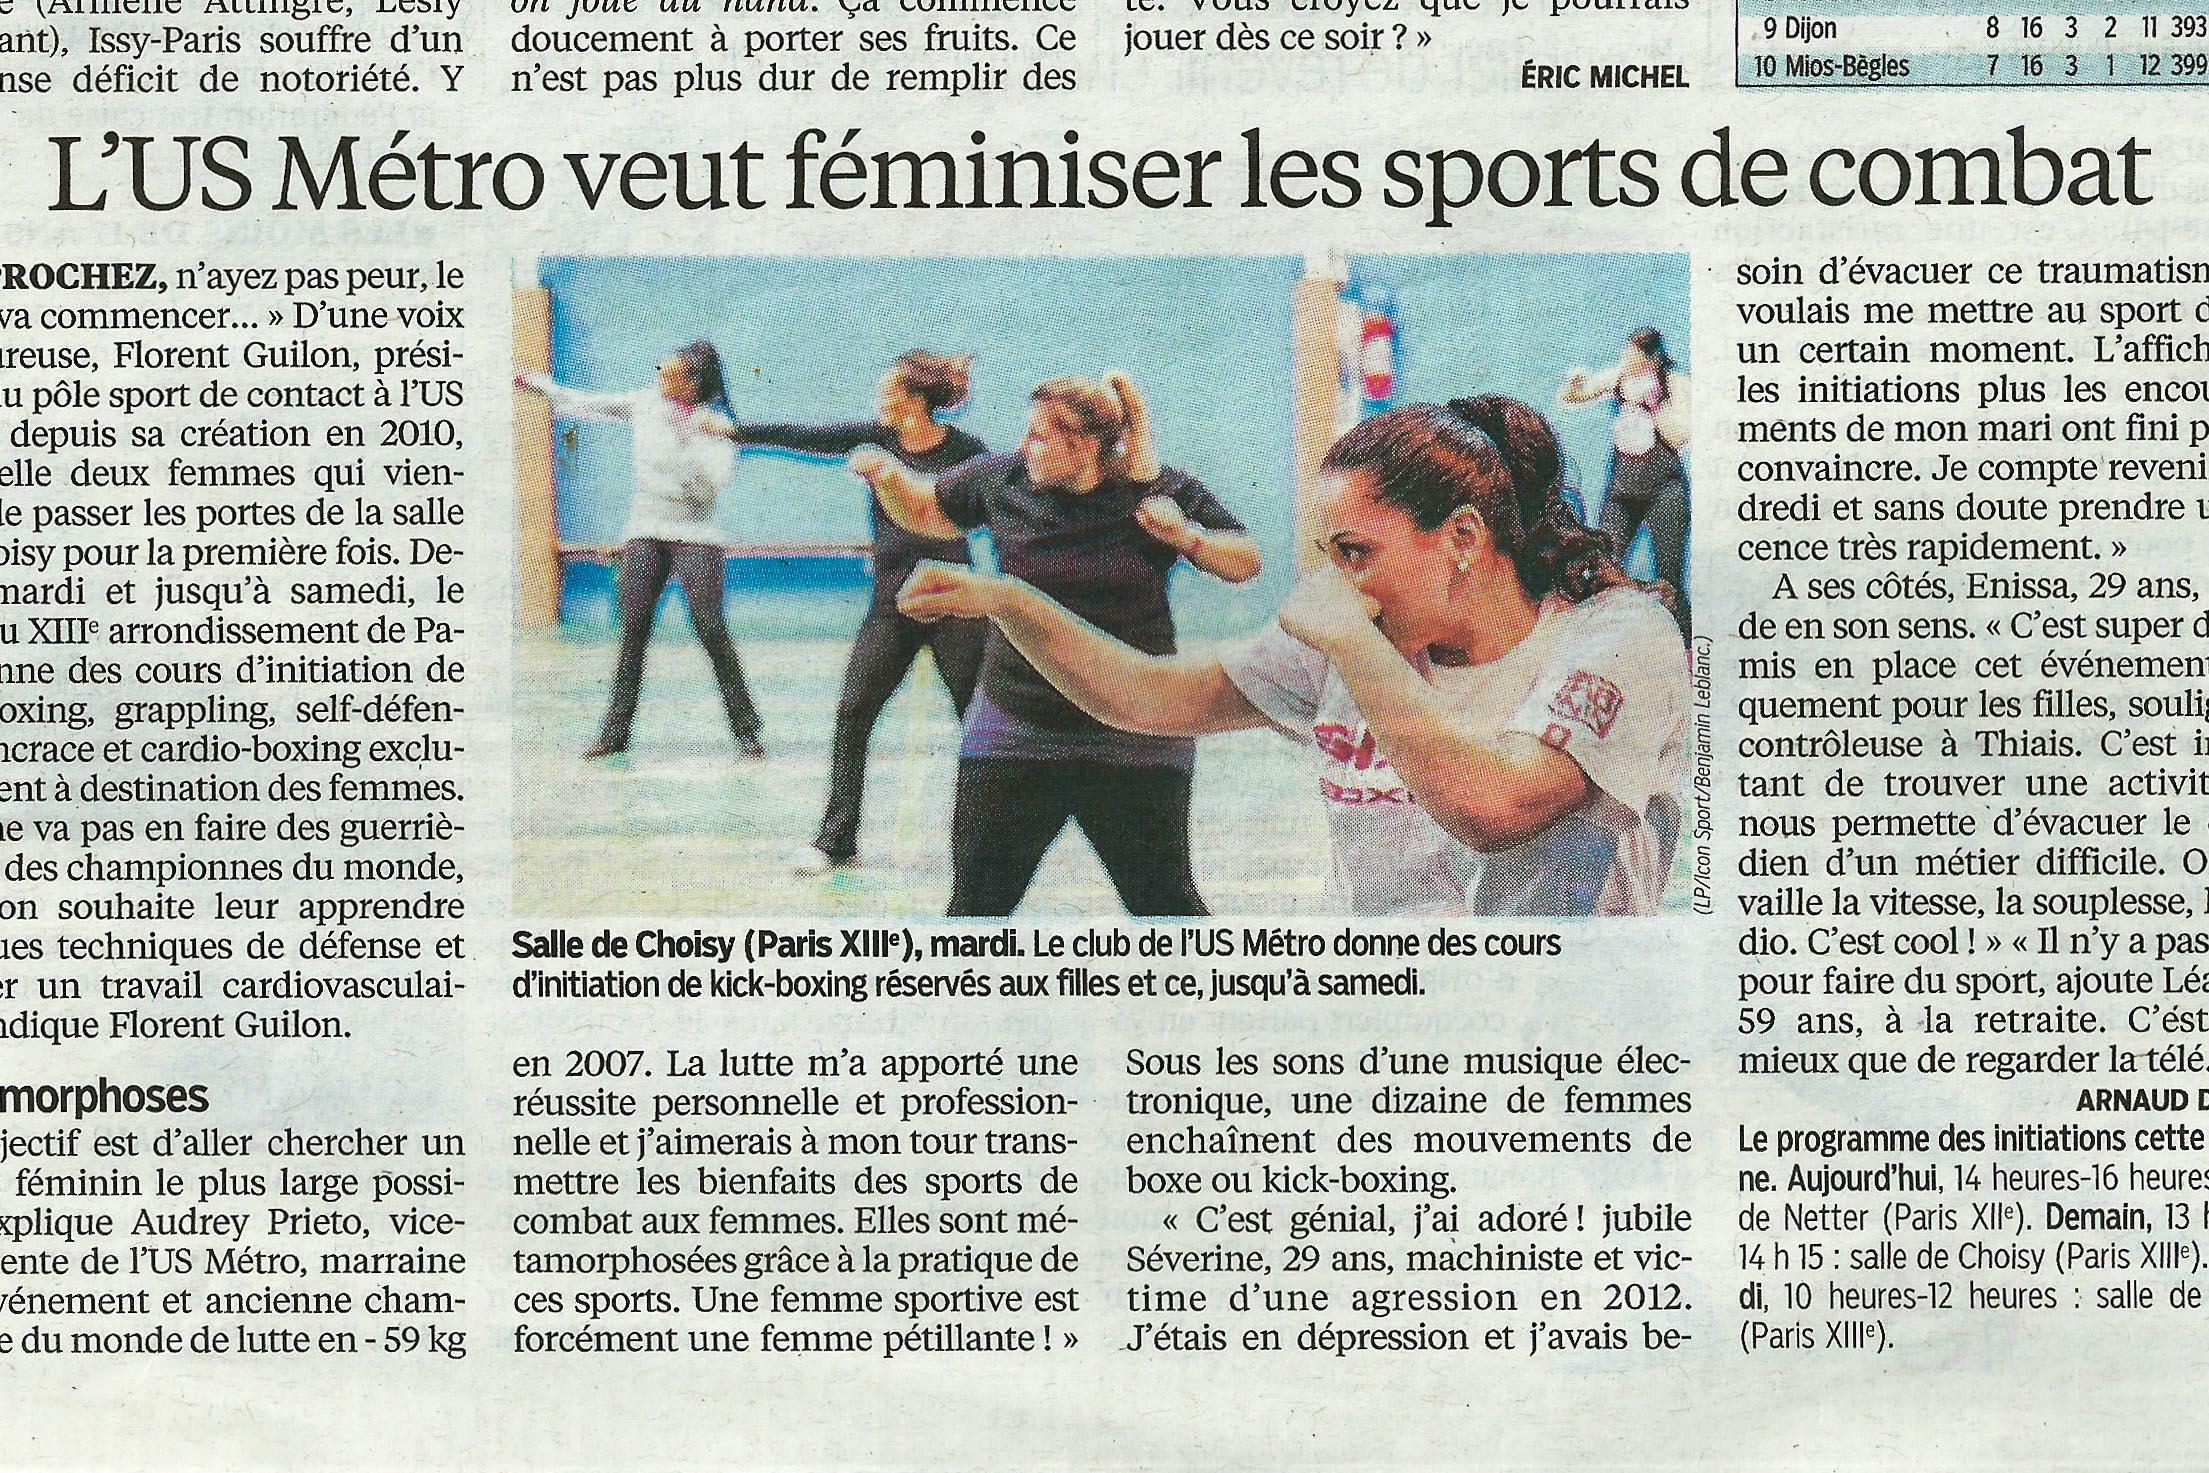 Article, Le Parisien